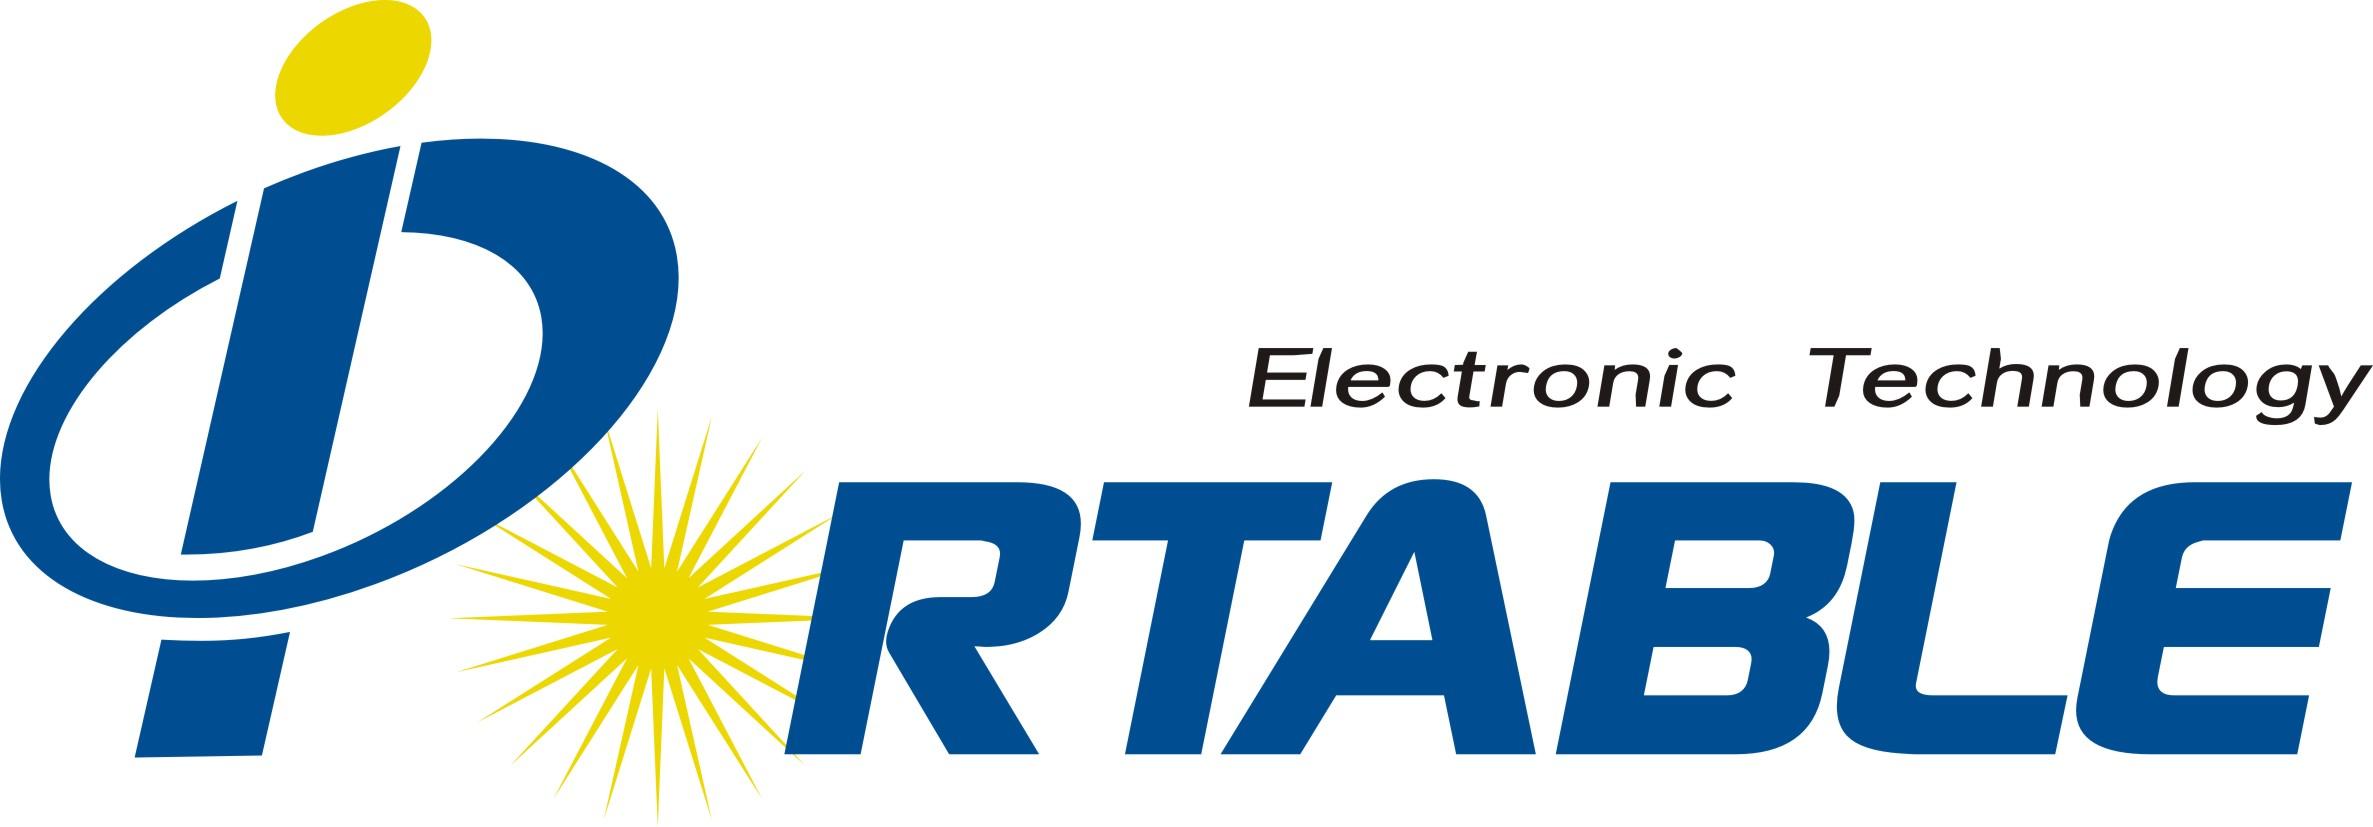 深圳市便携电子科技有限公司logo